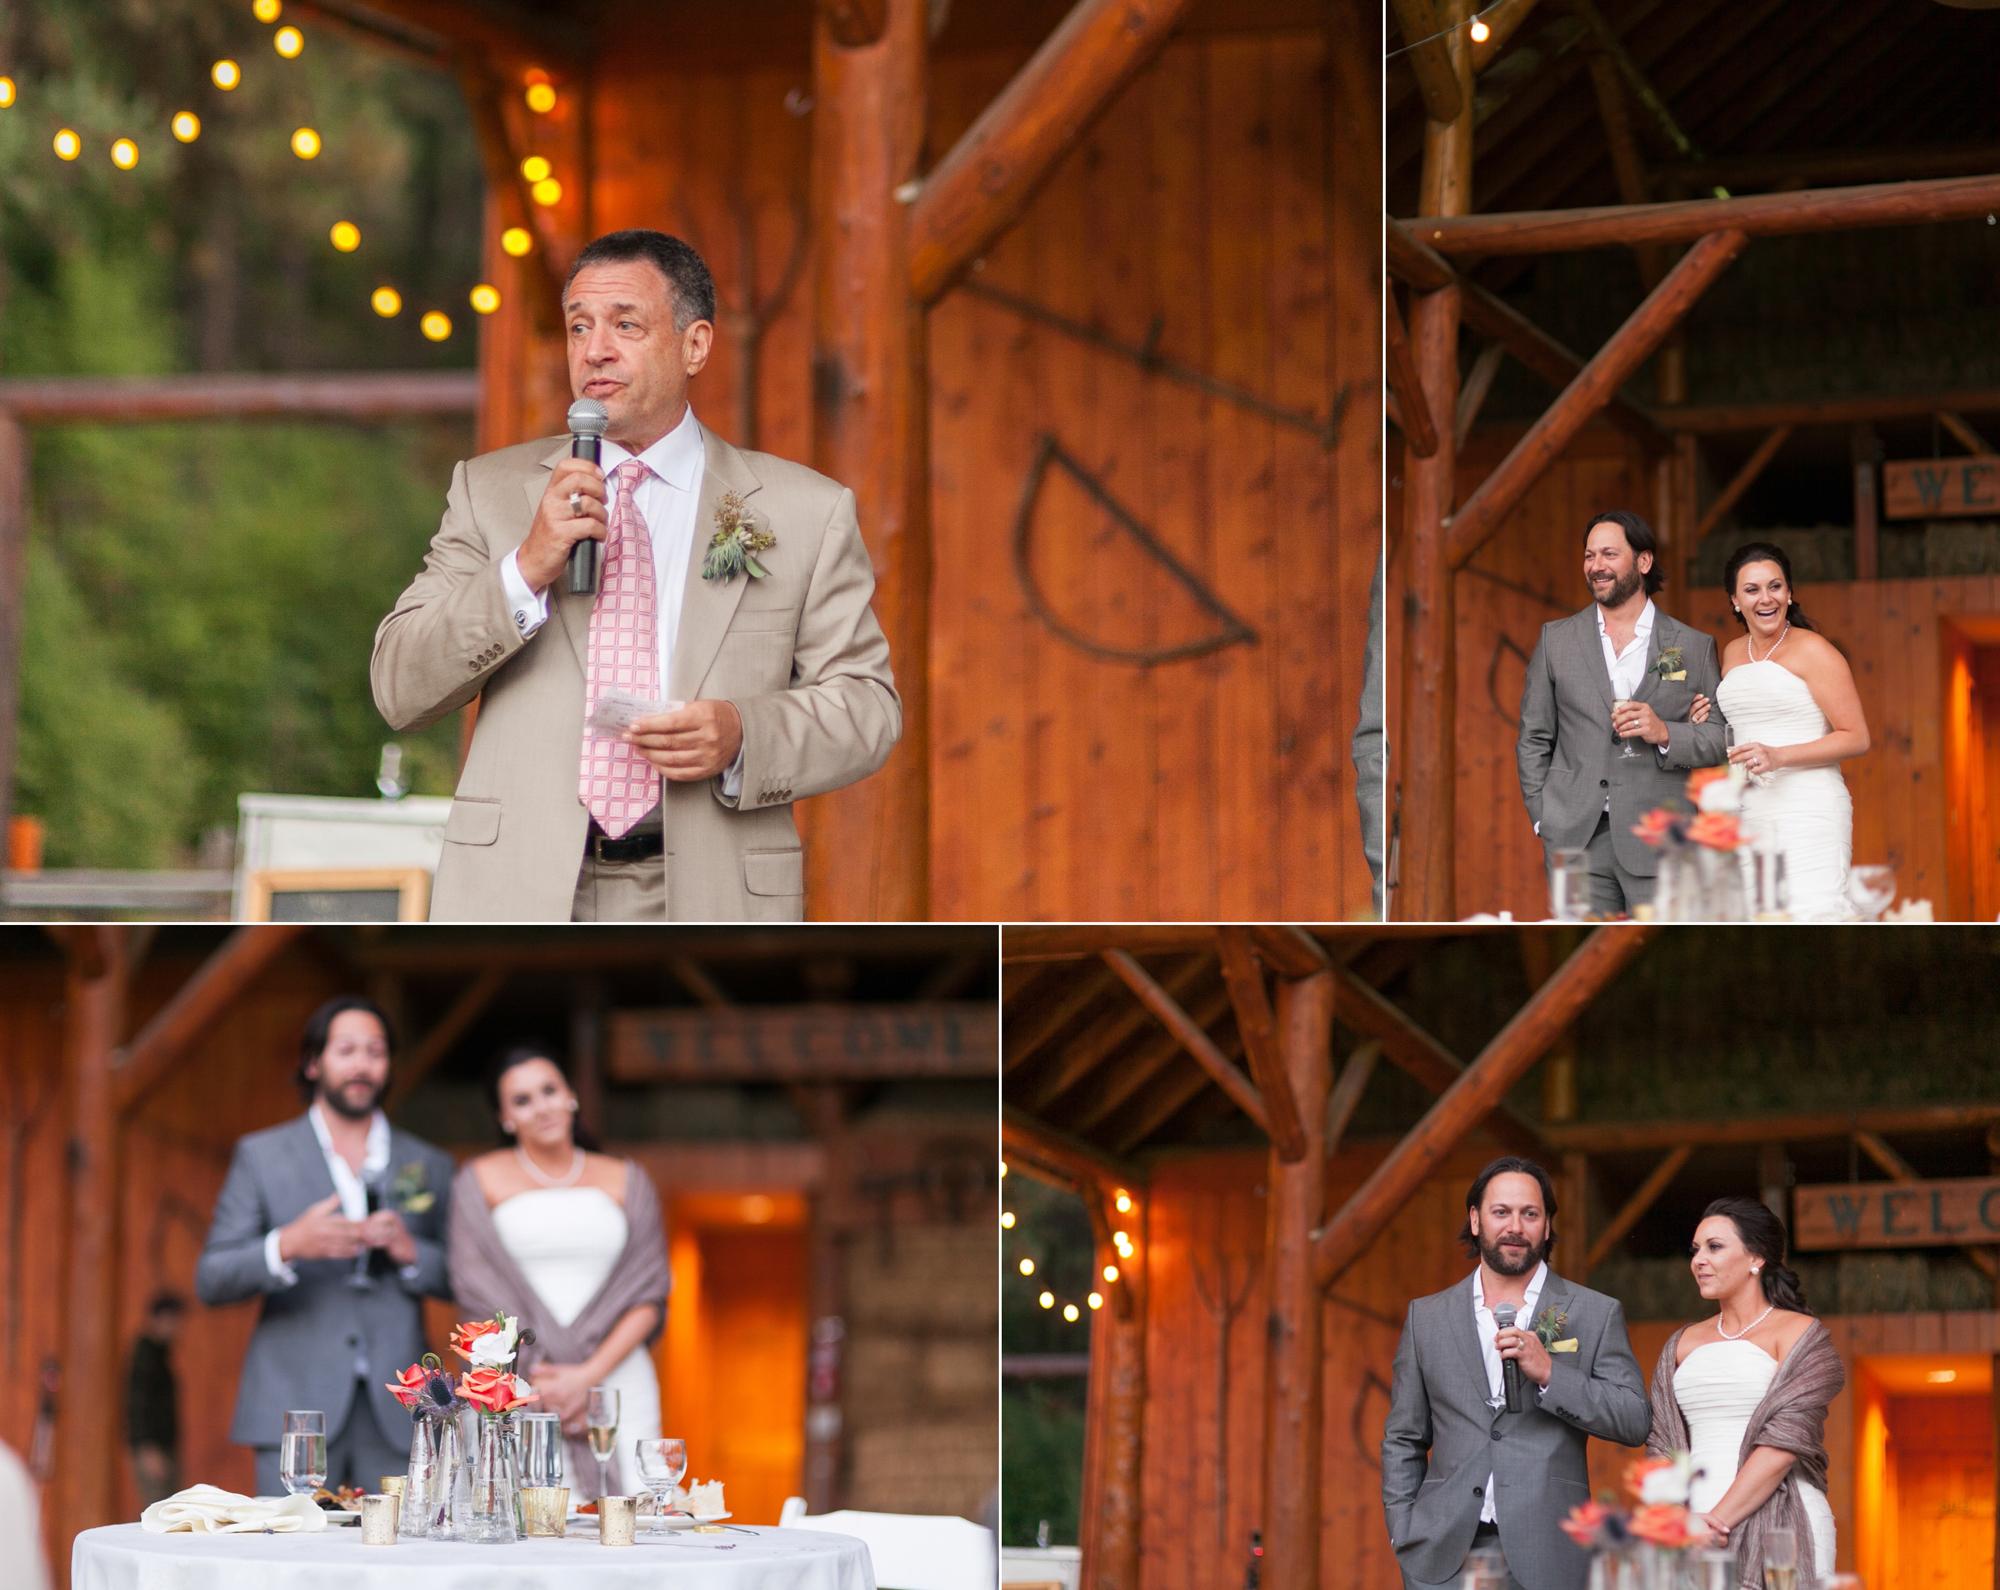 ashley vos photography seattle tacoma area wedding photographer_0832.jpg